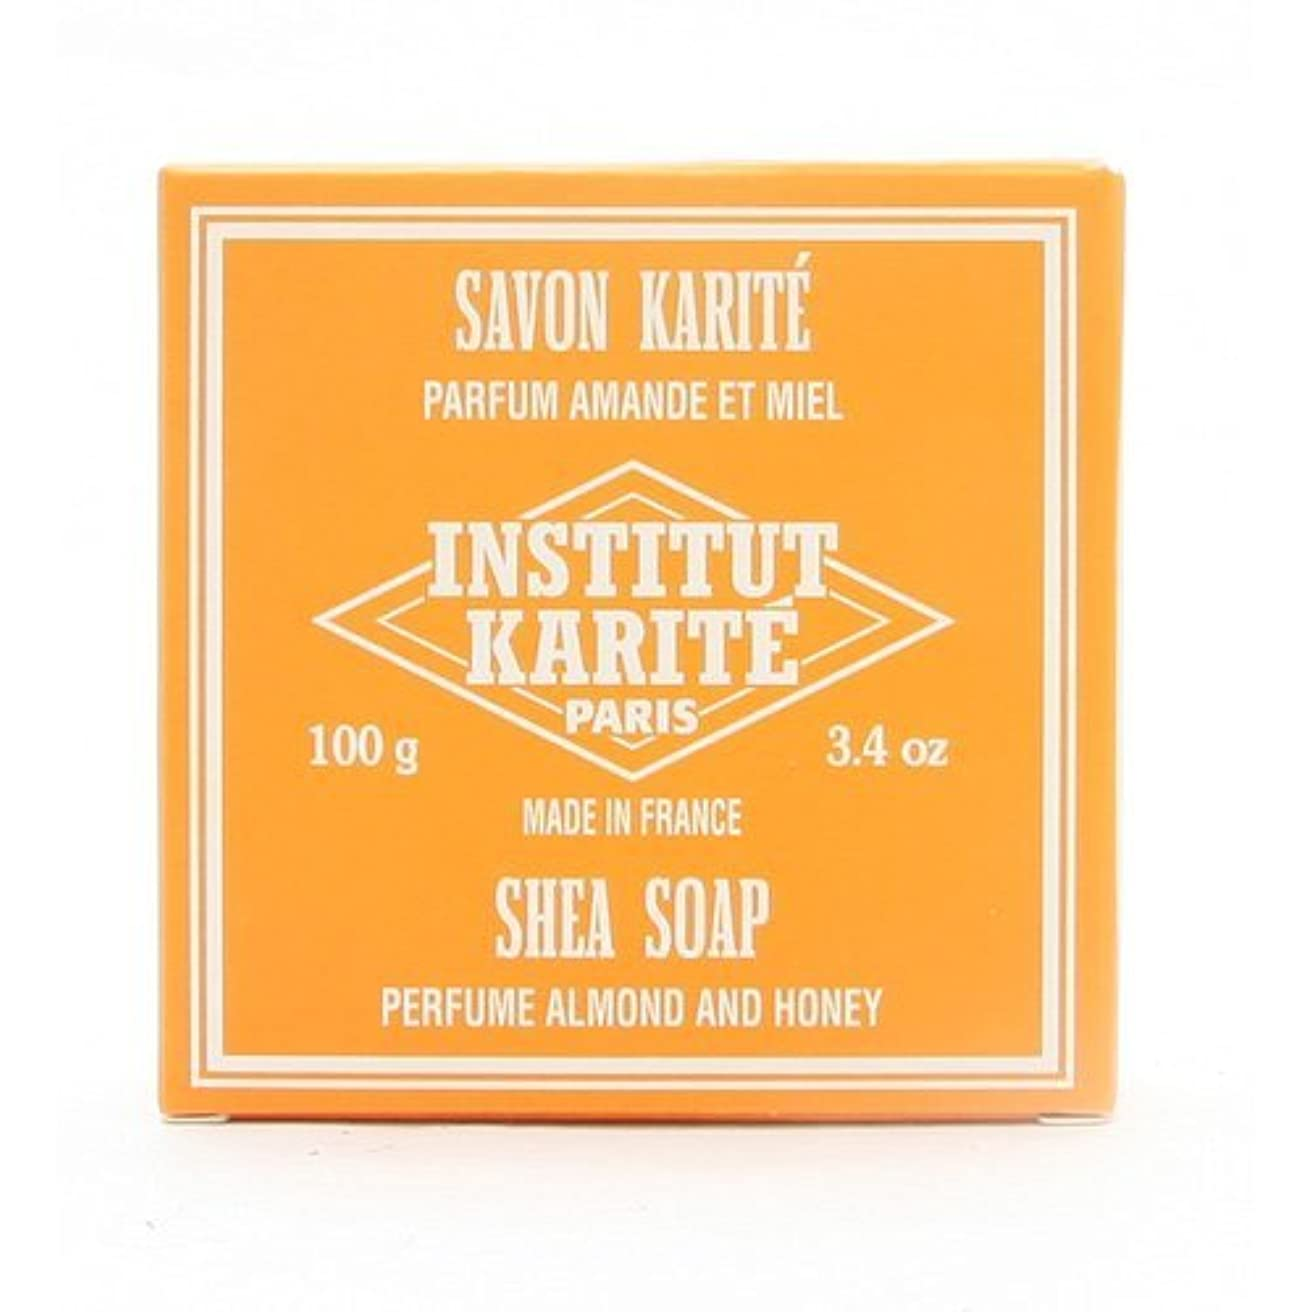 耐えられる高さ突破口INSTITUT KARITE インスティテュート カリテ 25% Extra Gentle Soap ジェントルソープ 100g Almond Honey アーモンドハニー